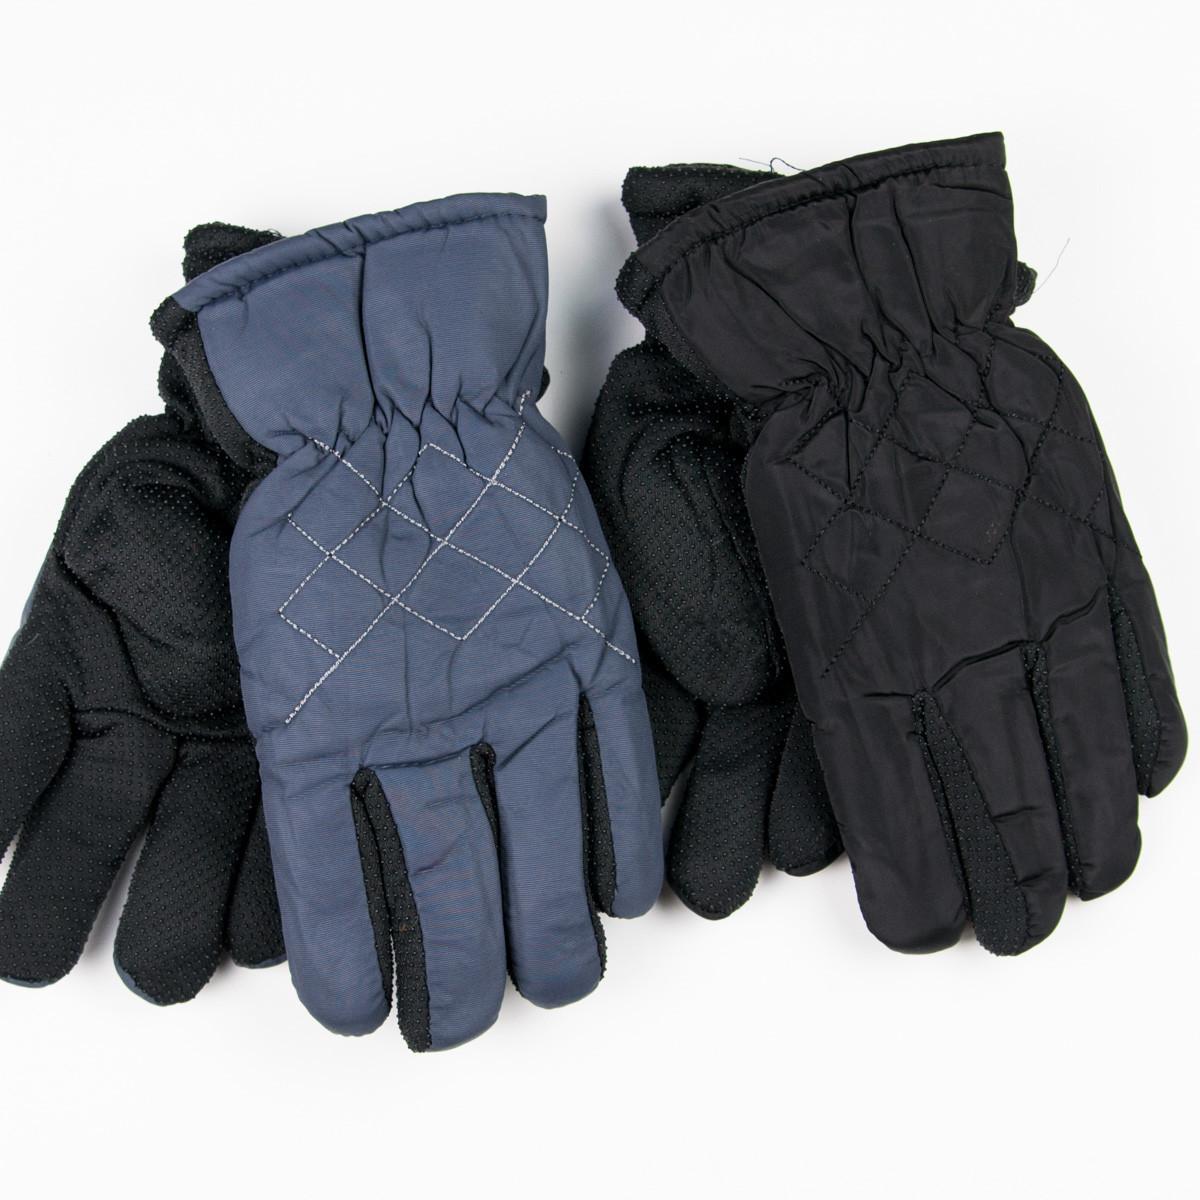 Оптом перчатки для мальчиков с антискользящей поверхностью 4-6 лет №19-16-1